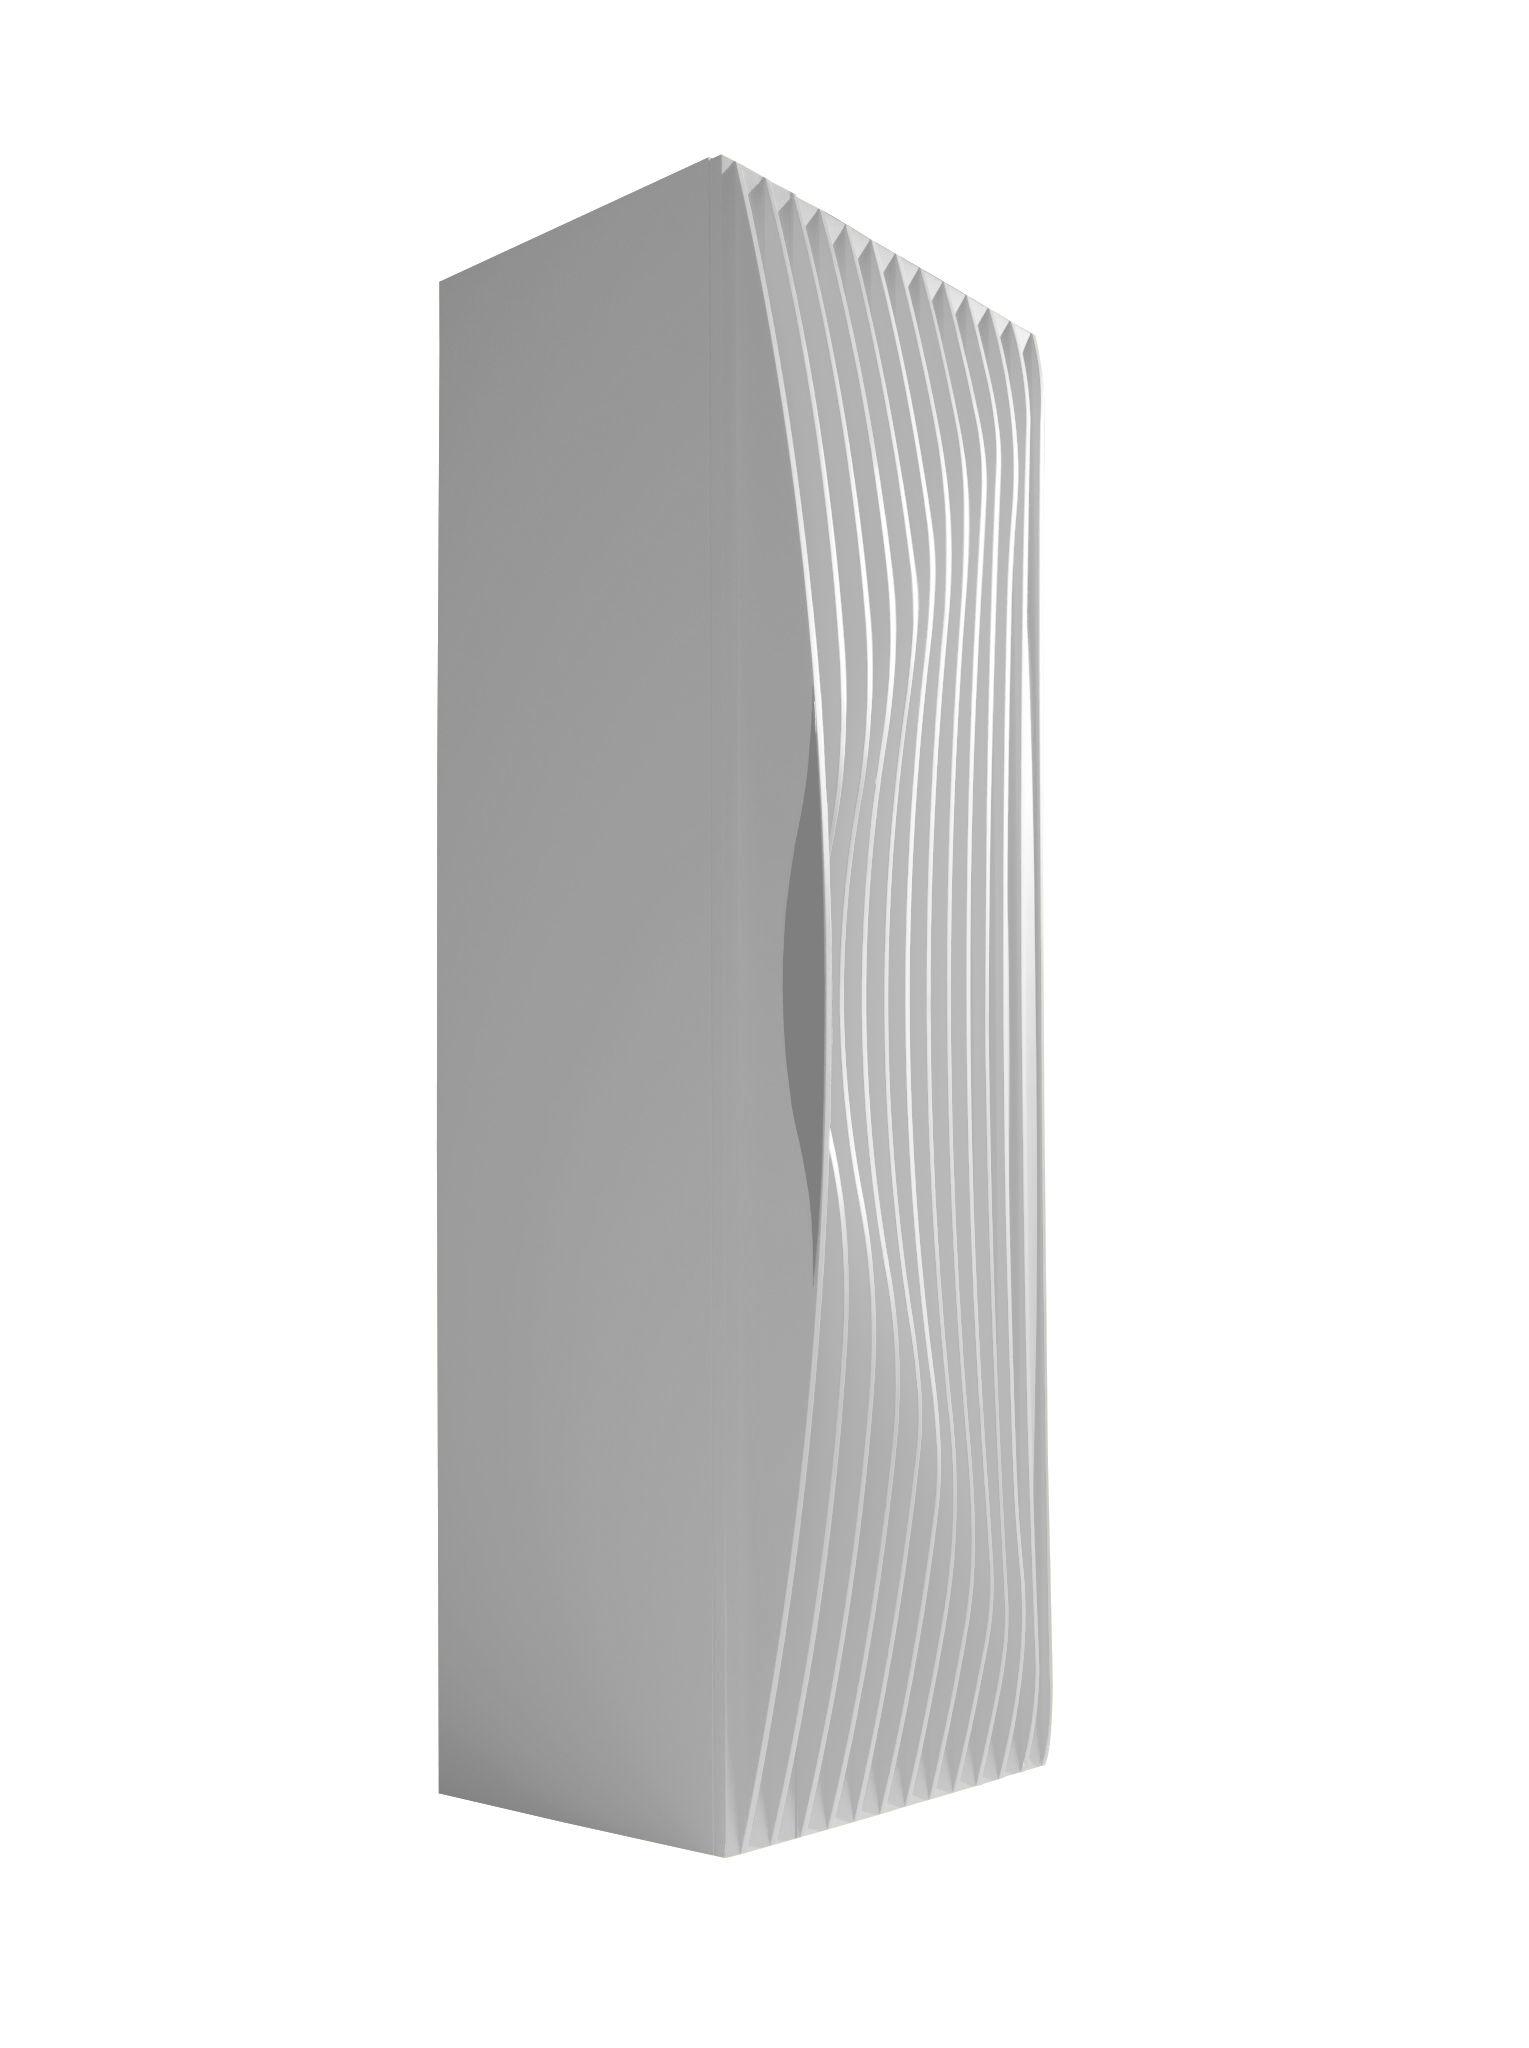 Arredamento - Contenitori, Credenze... - Armadio Blend - 1 porta di Horm - Bianco - MDF